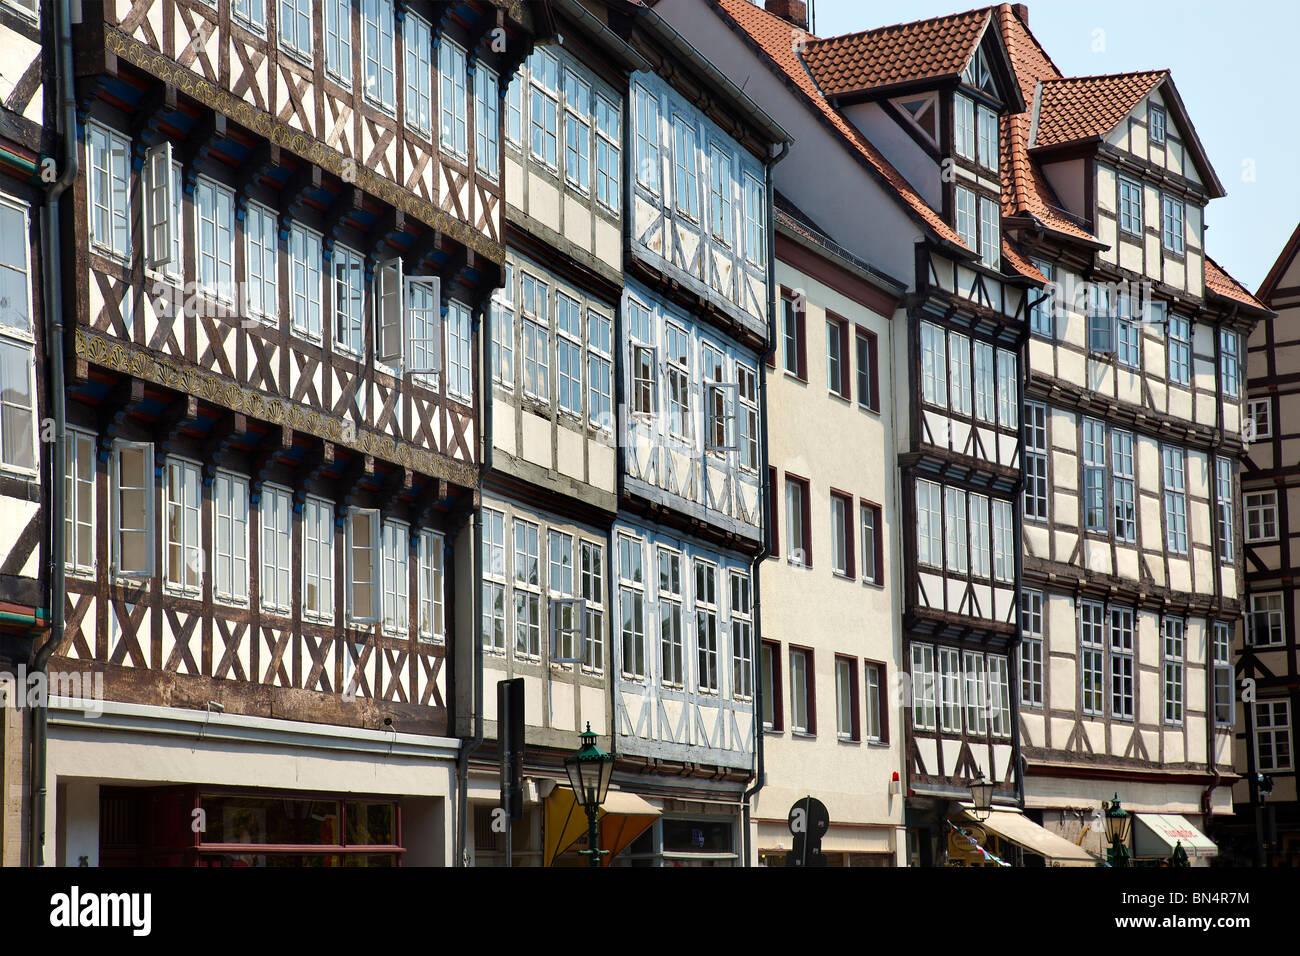 Historischer Stadtkern, Burgstraße, Hannover, Niedersachsen, Deutschland Stockbild